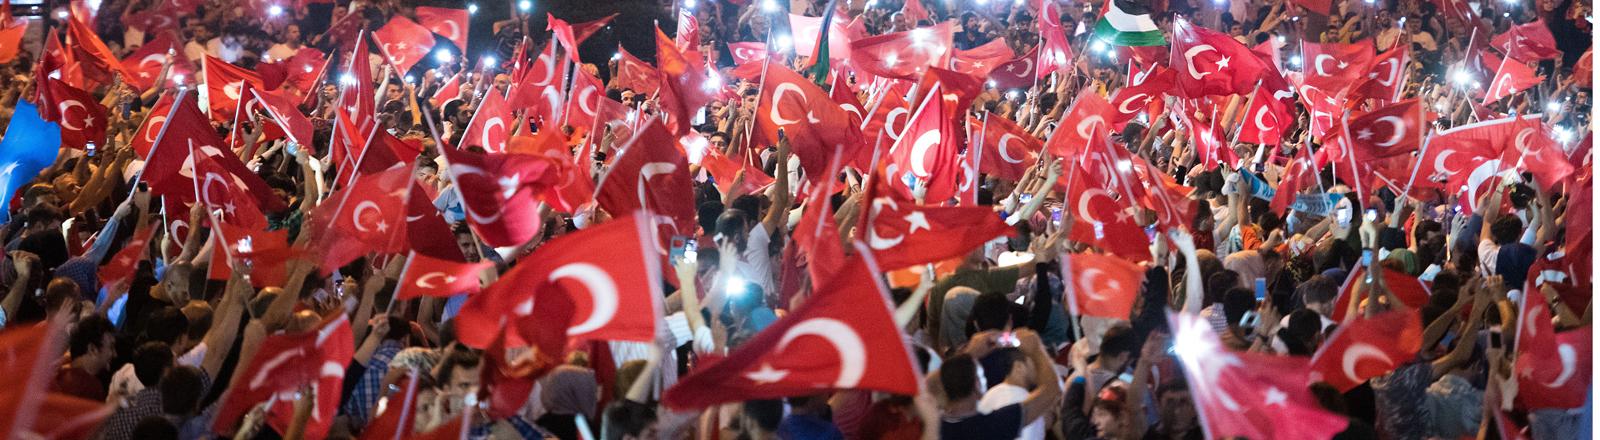 Menschen feiern nach gescheiterten Putschversuch in Istanbul